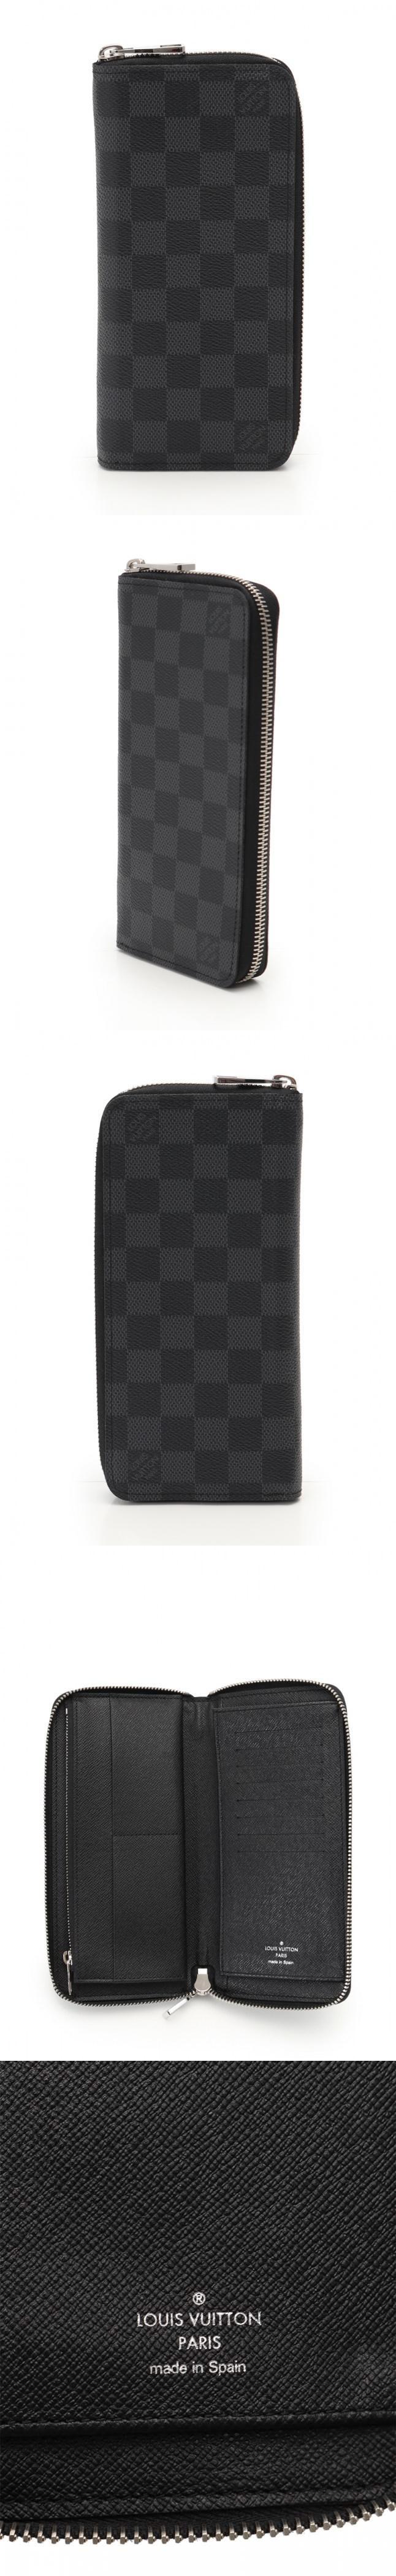 ラウンドファスナー長財布 ジッピーウォレット ヴェルティカル ダミエグラフィット 黒 小物 PVC N63095